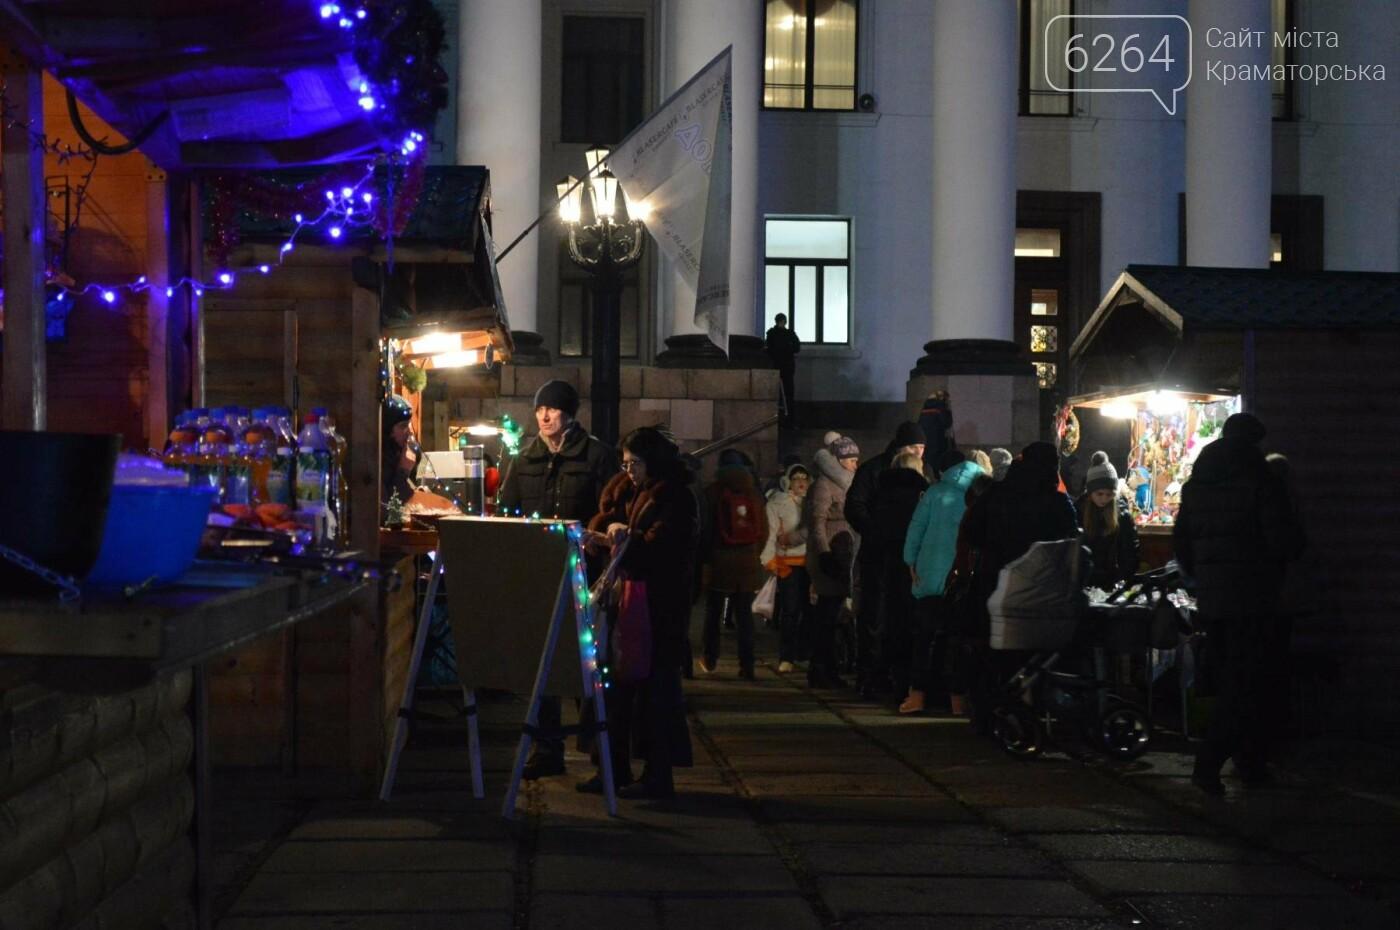 В Краматорске открылась новогодняя ярмарка в «львовском стиле», фото-2